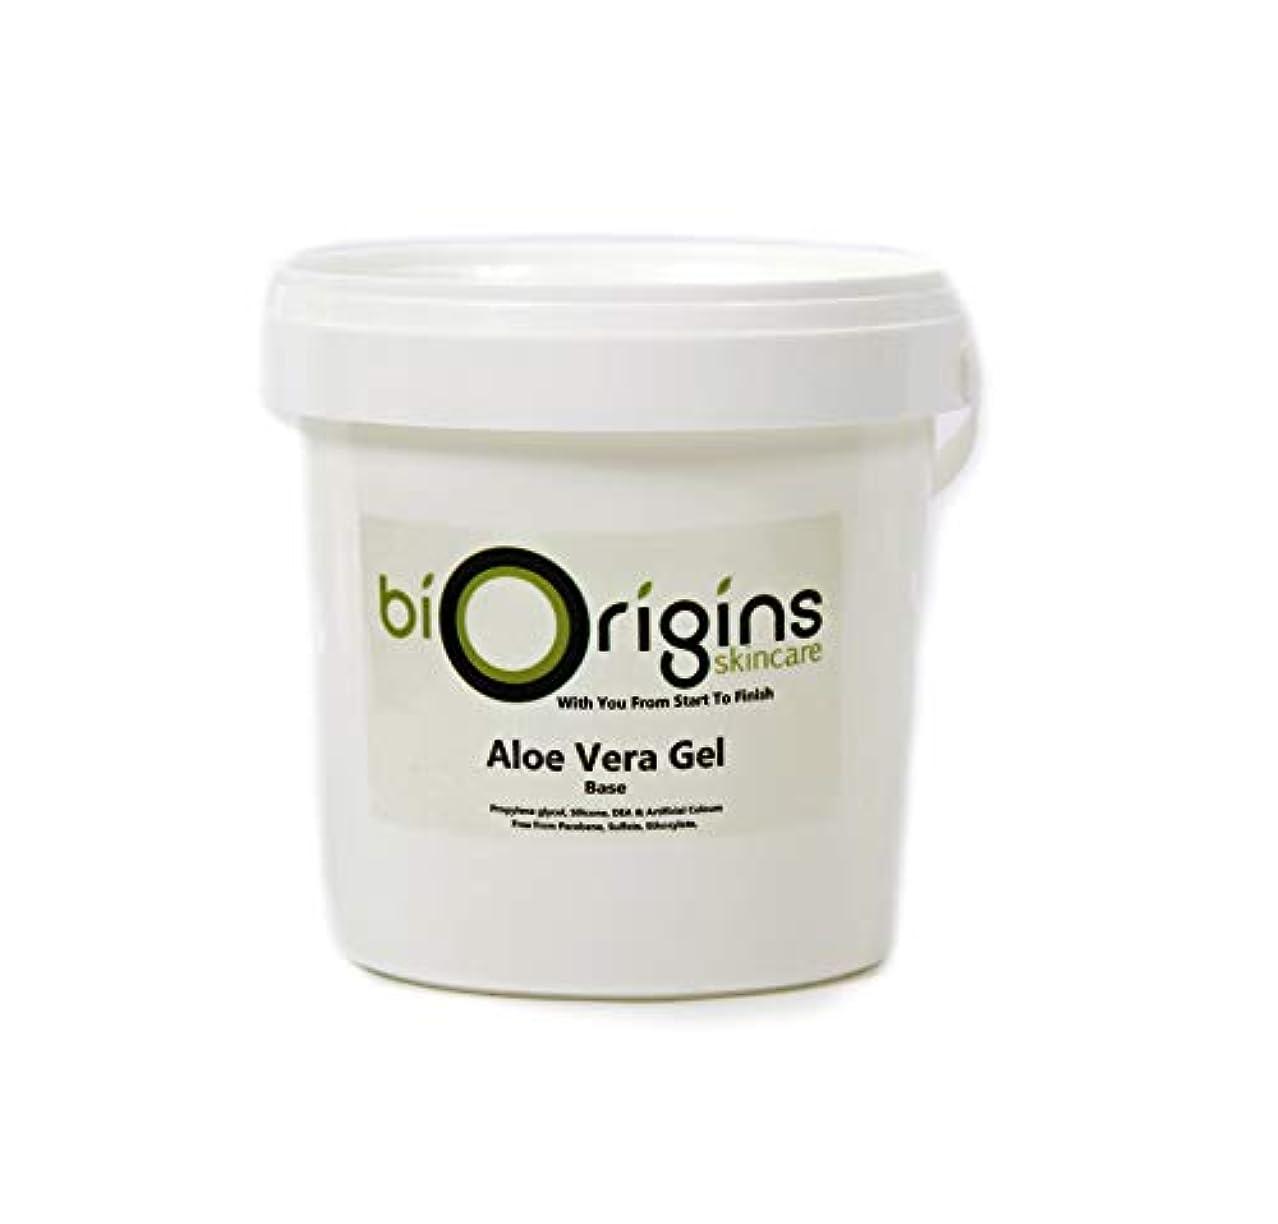 リビジョン形苦しめるAloe Vera Gel Skincare Base 1Kg